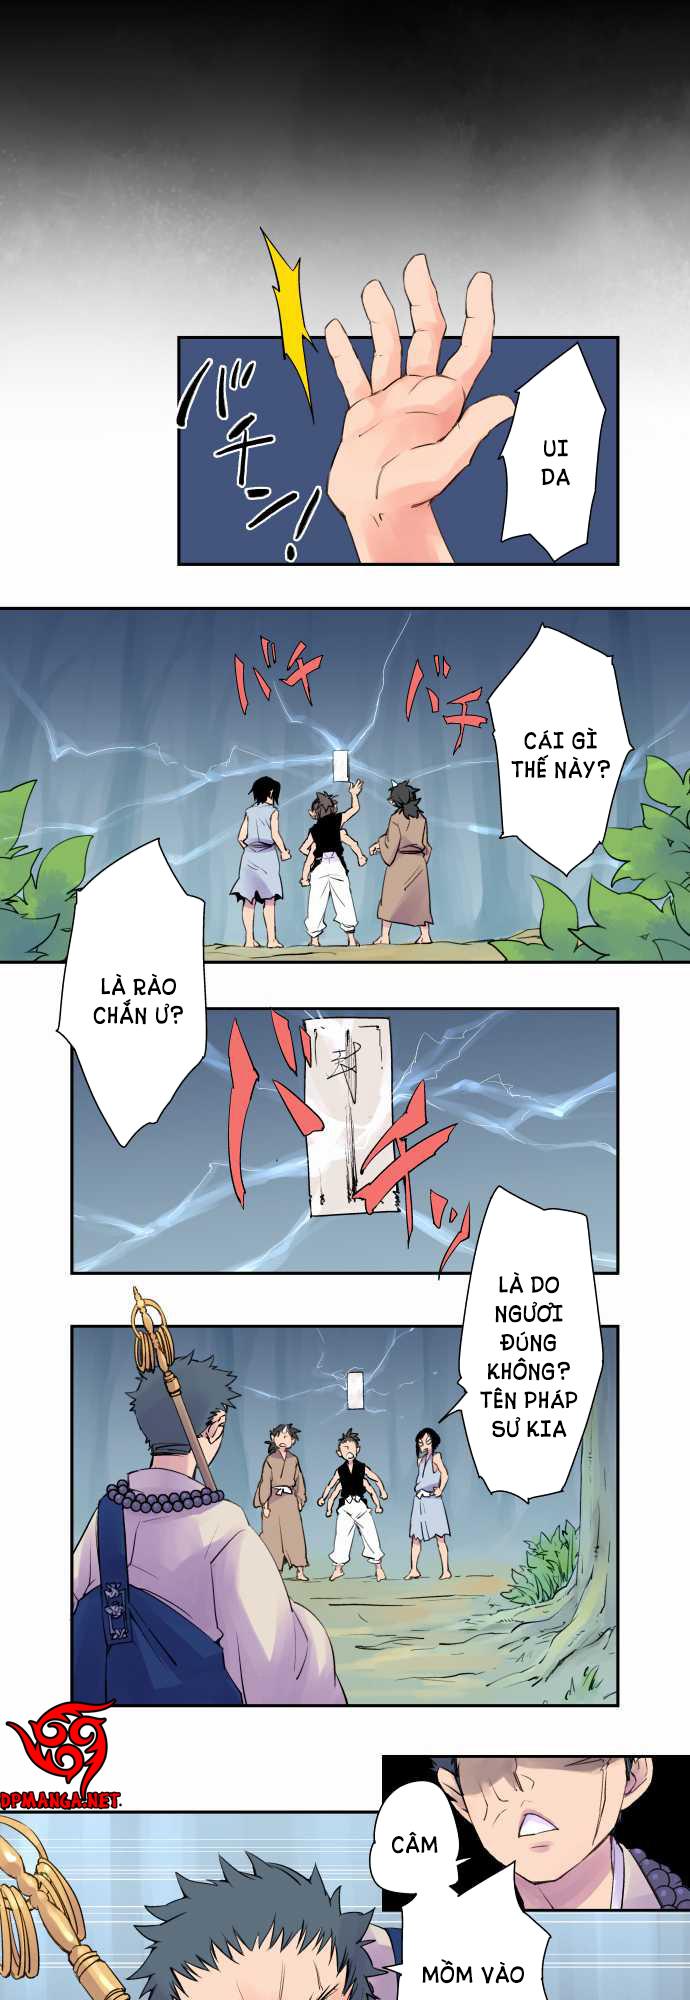 Ake no Tobari - Chương 1 - Pic 5